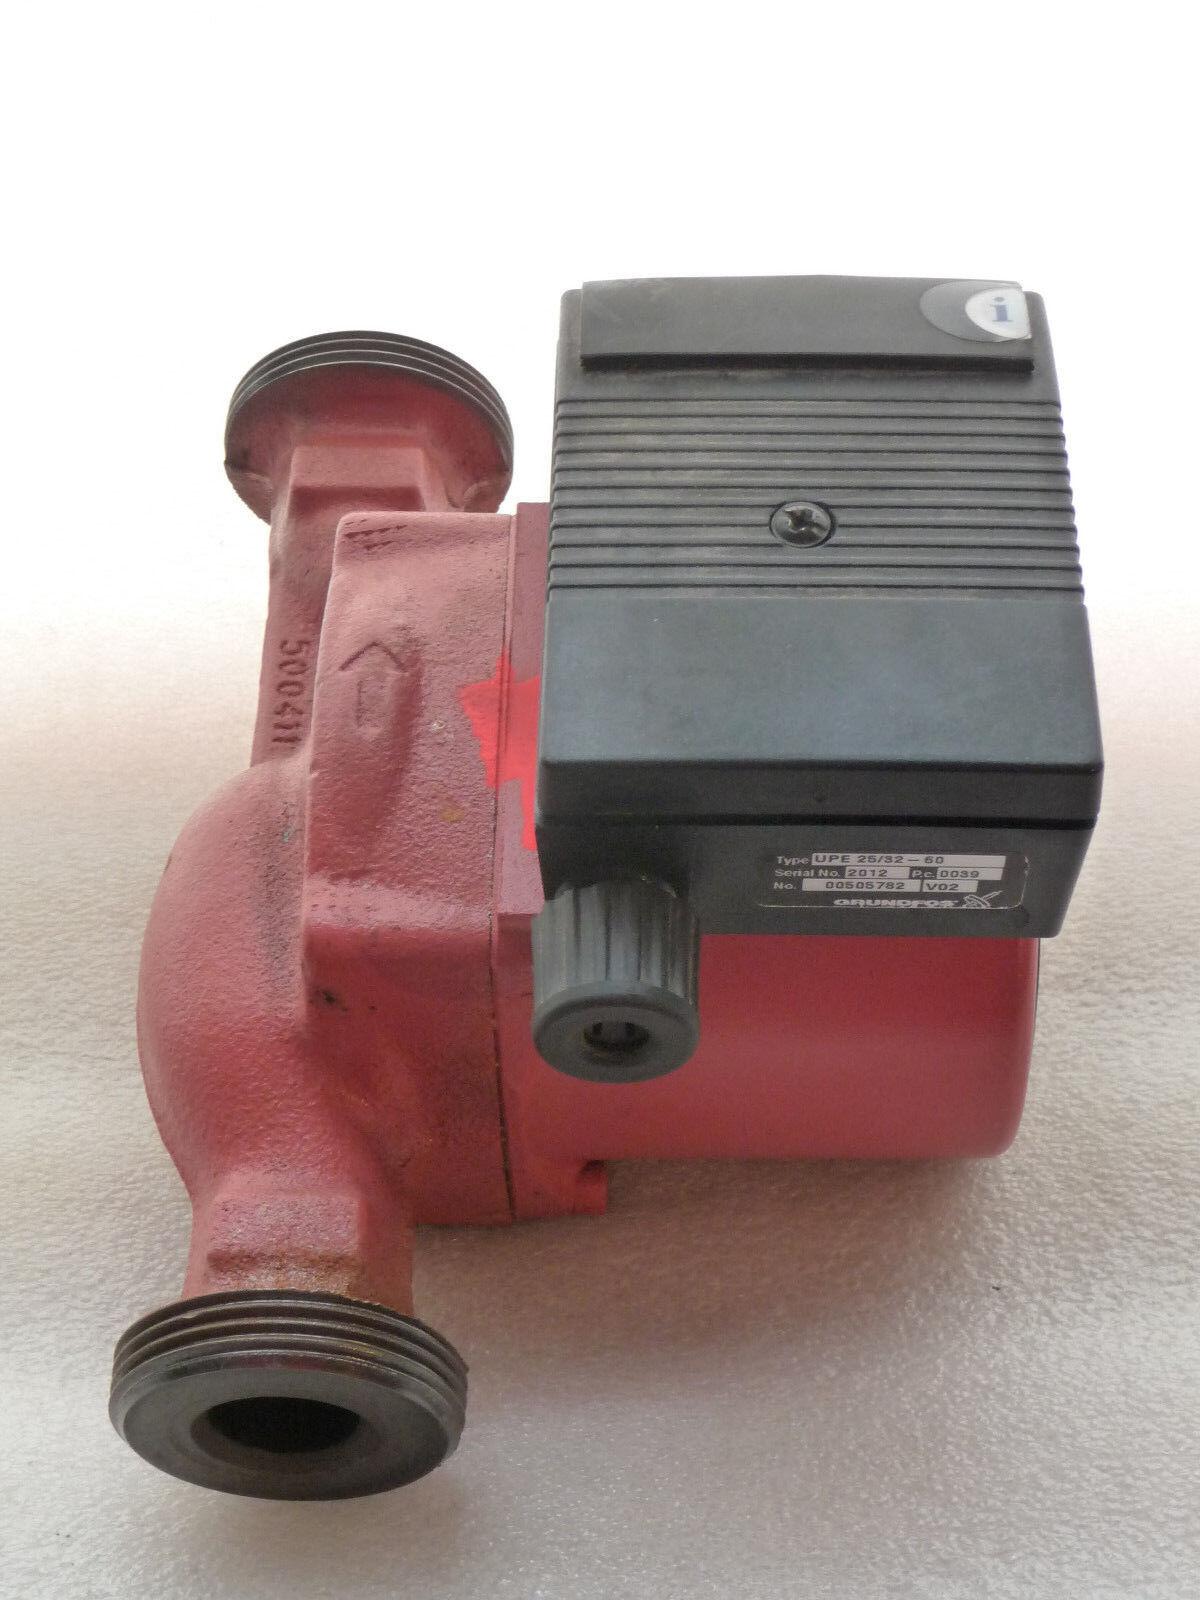 Grundfos UPE 25 - 60 Heizungspumpe 180 mm Umwälzpumpe 230 230 230 Volt gebraucht P5810 581cda